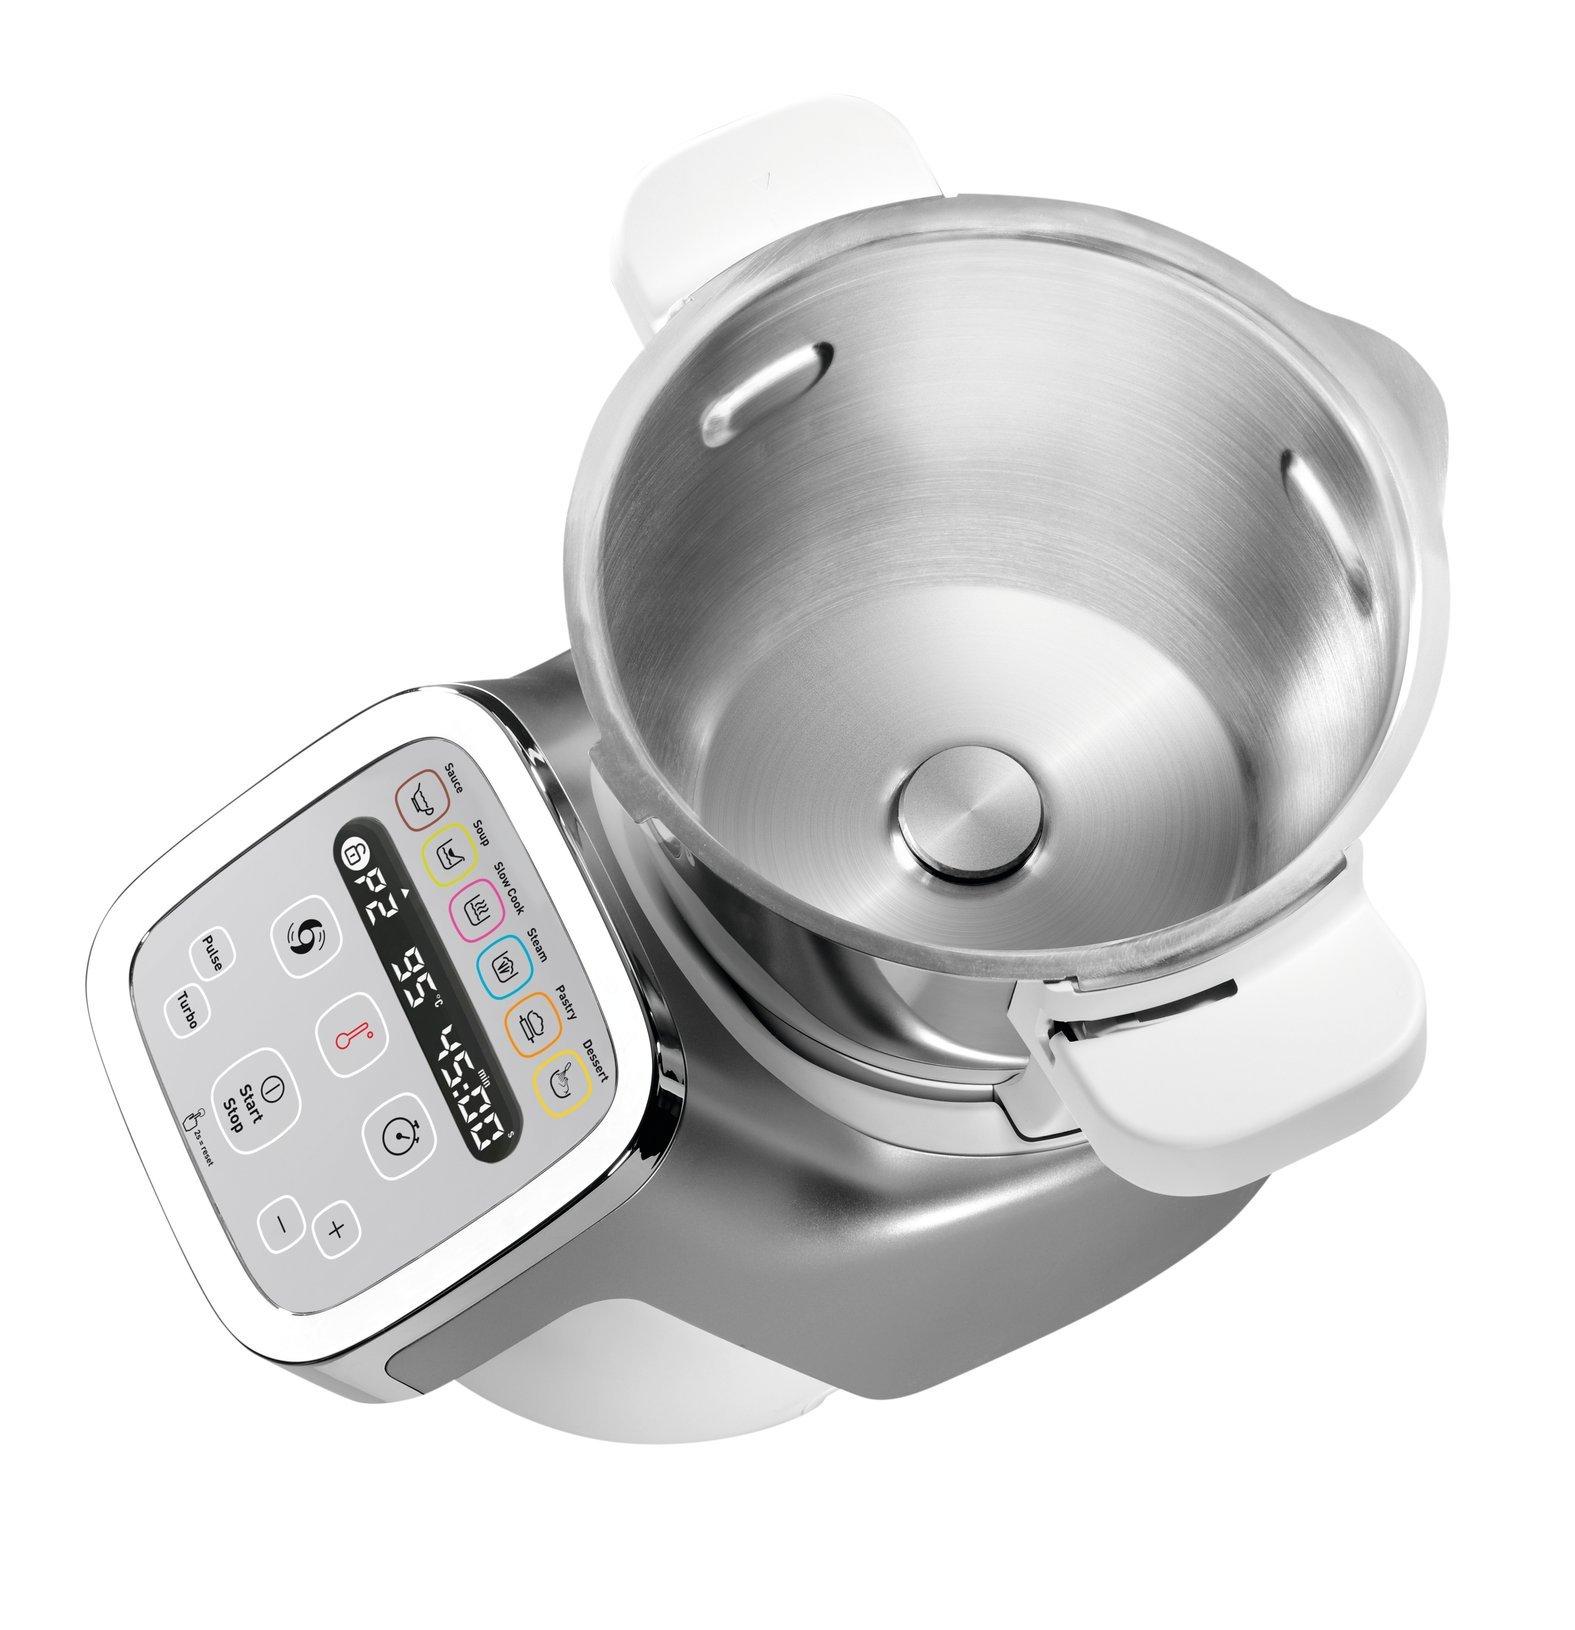 Moulinex - Robot de cocina multifunción Companion XL 32 x31 x35 cm ...